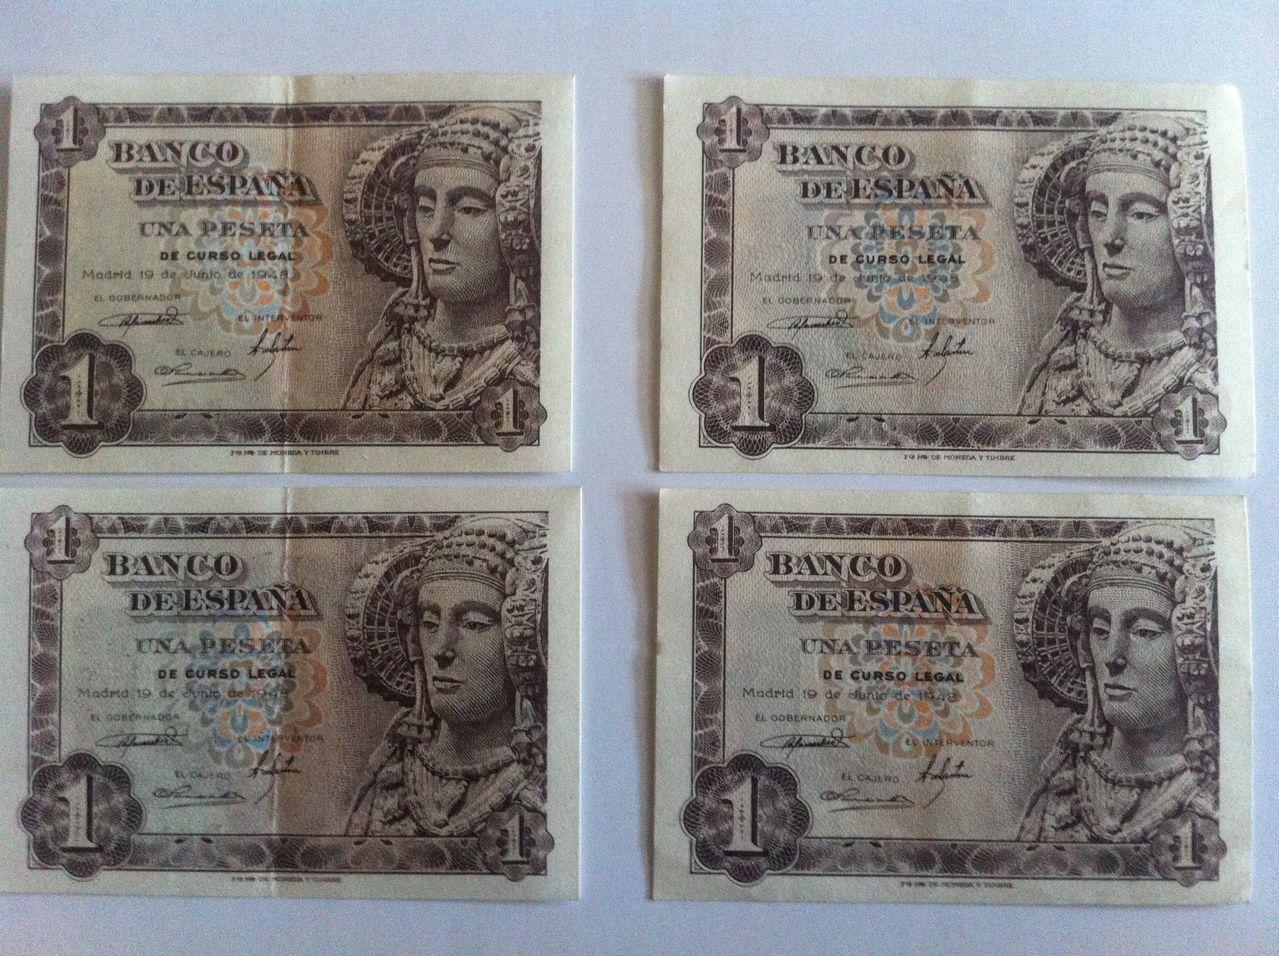 Ayuda valoracion una peseta 1948  IMG_4940